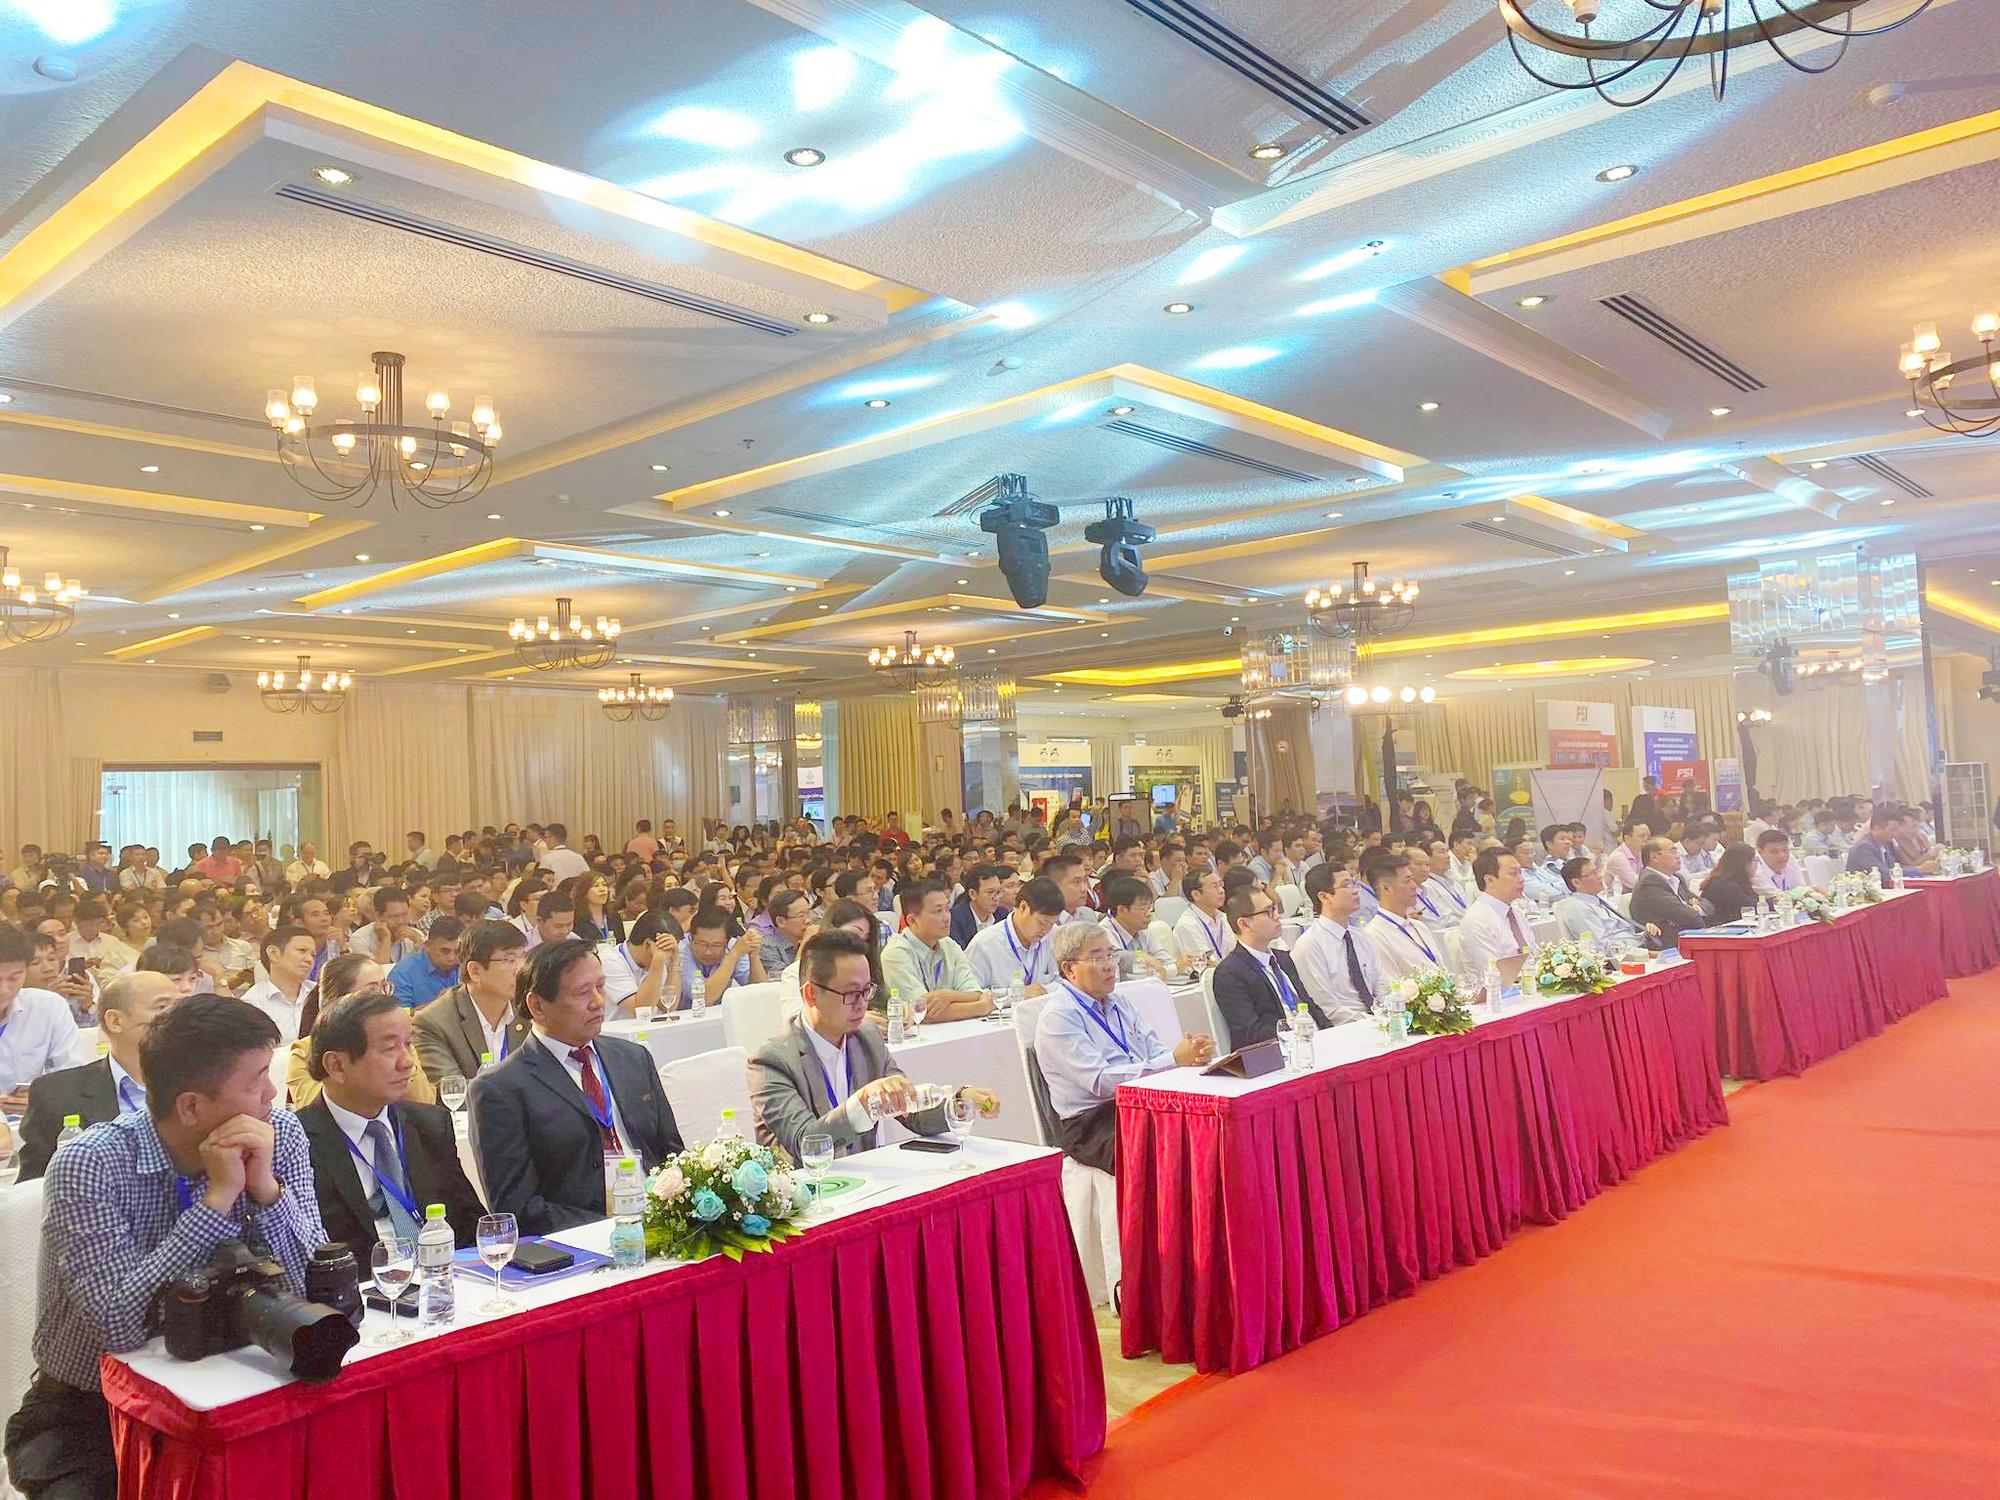 Đắk Lắk: Chuyển đổi số thúc đẩy phát triển kinh tế xã hội - Ảnh 1.